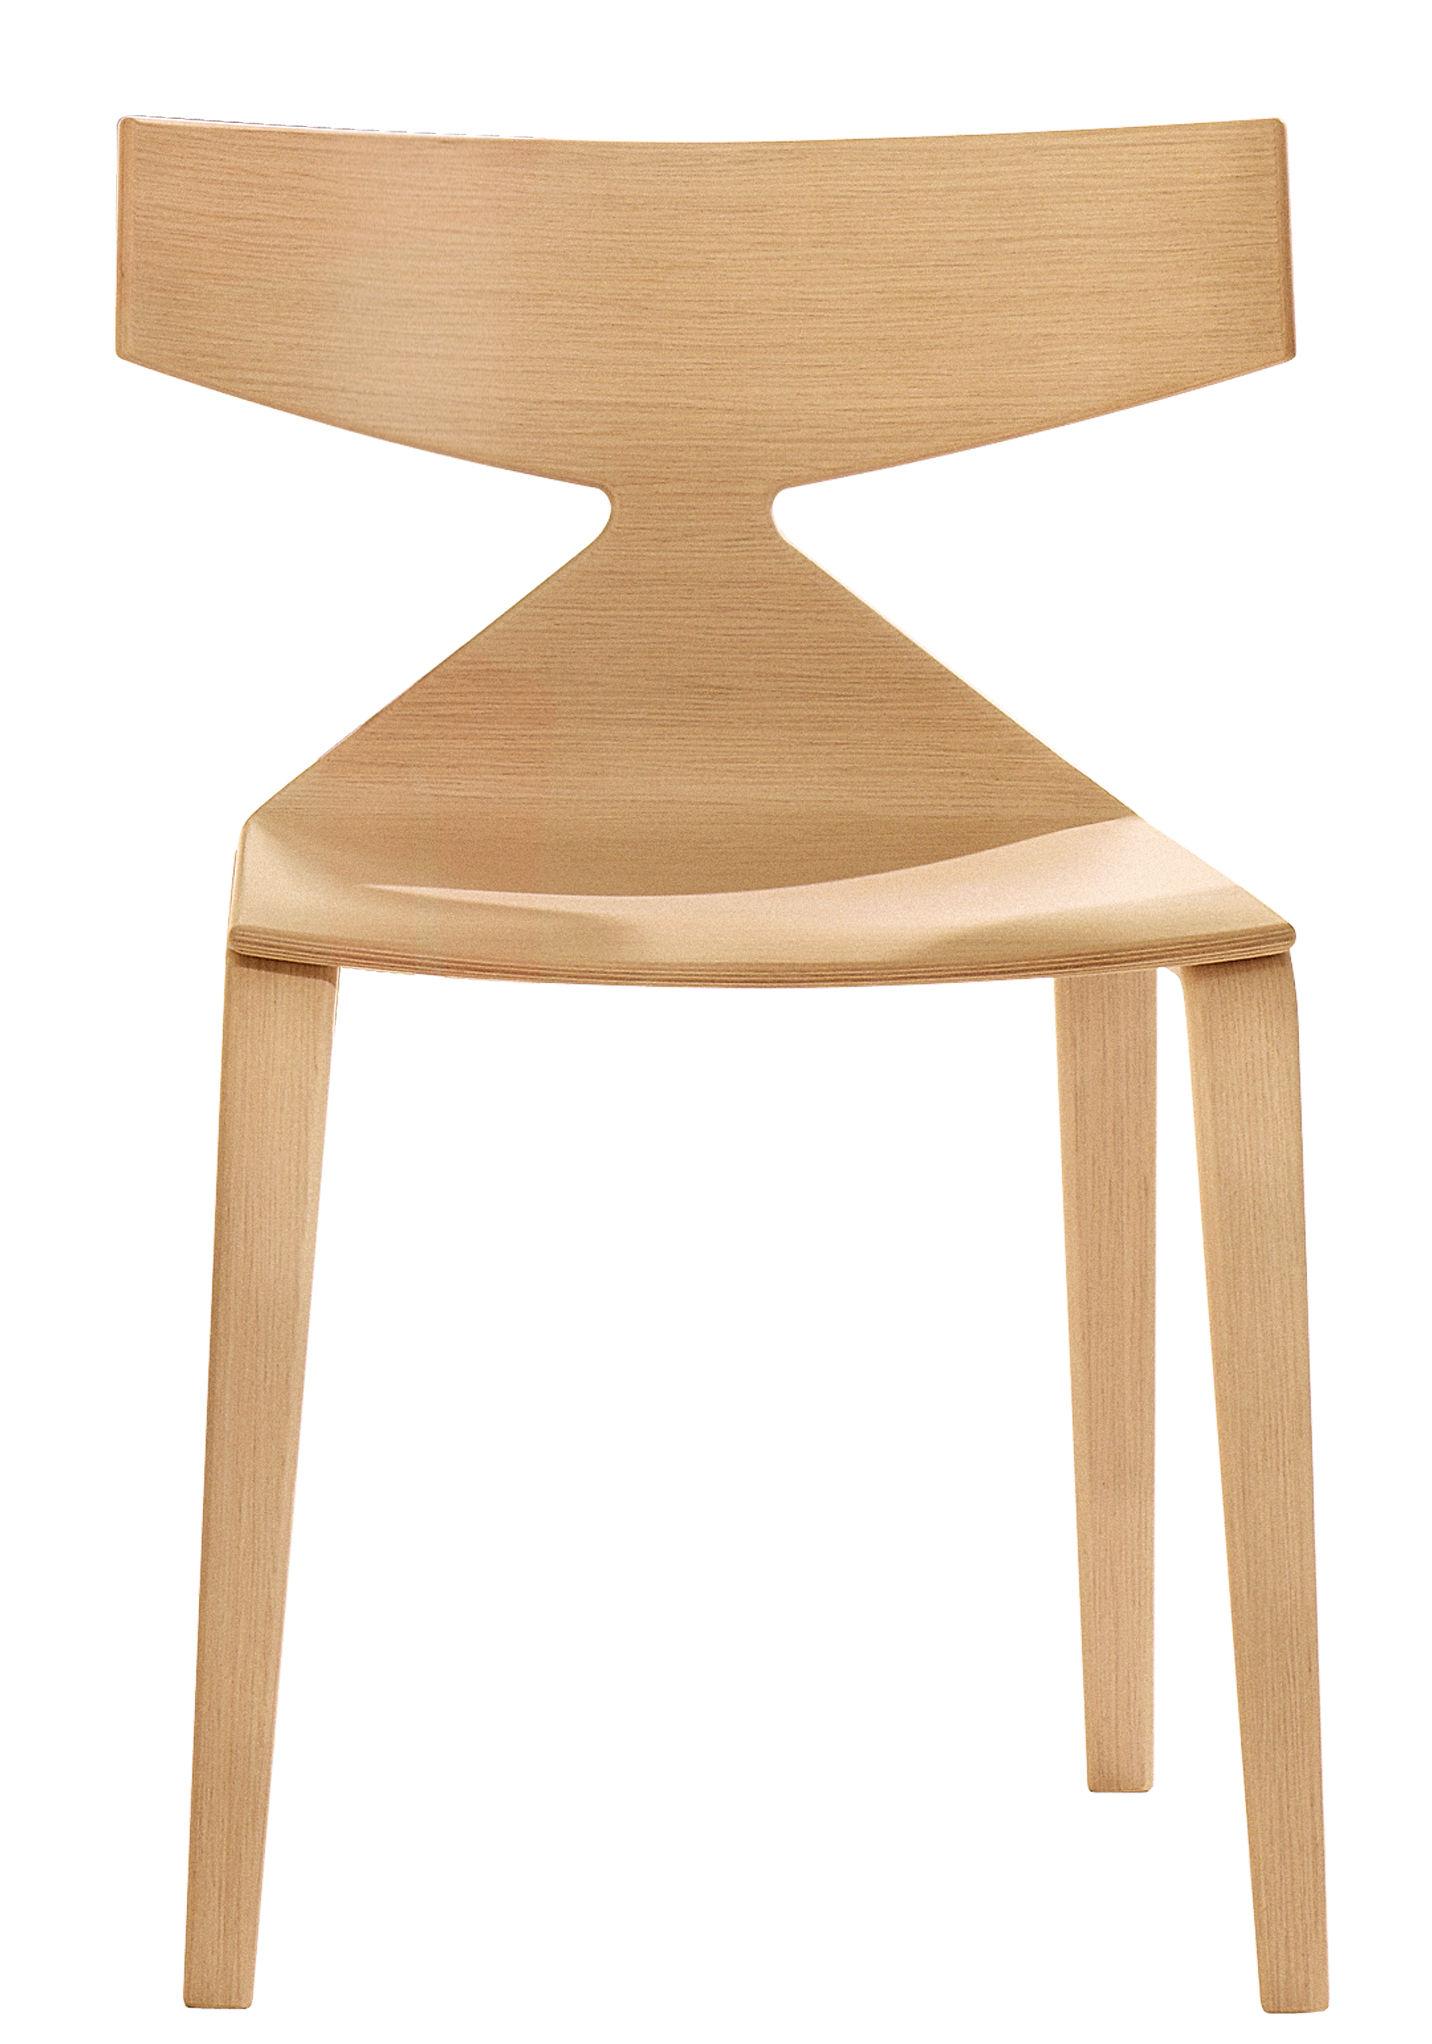 Möbel - Stühle  - Saya Stuhl - Arper - Bois clair - Contreplaqué de bois